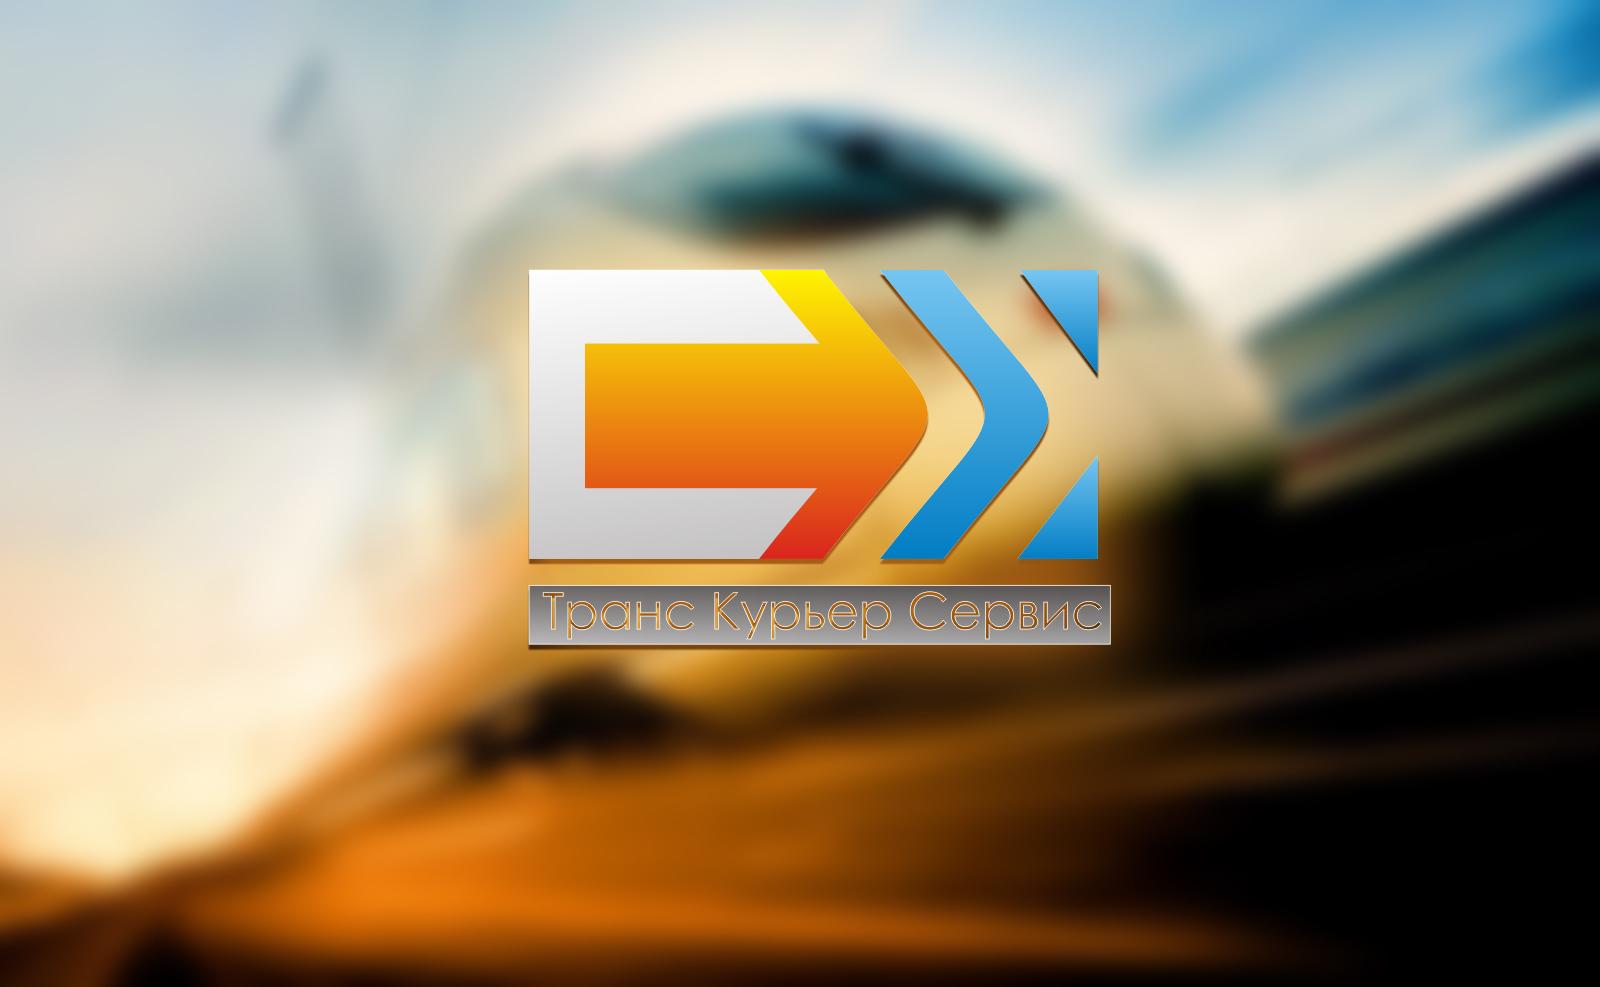 Разработка логотипа и фирменного стиля фото f_36250b3d7739b74d.jpg